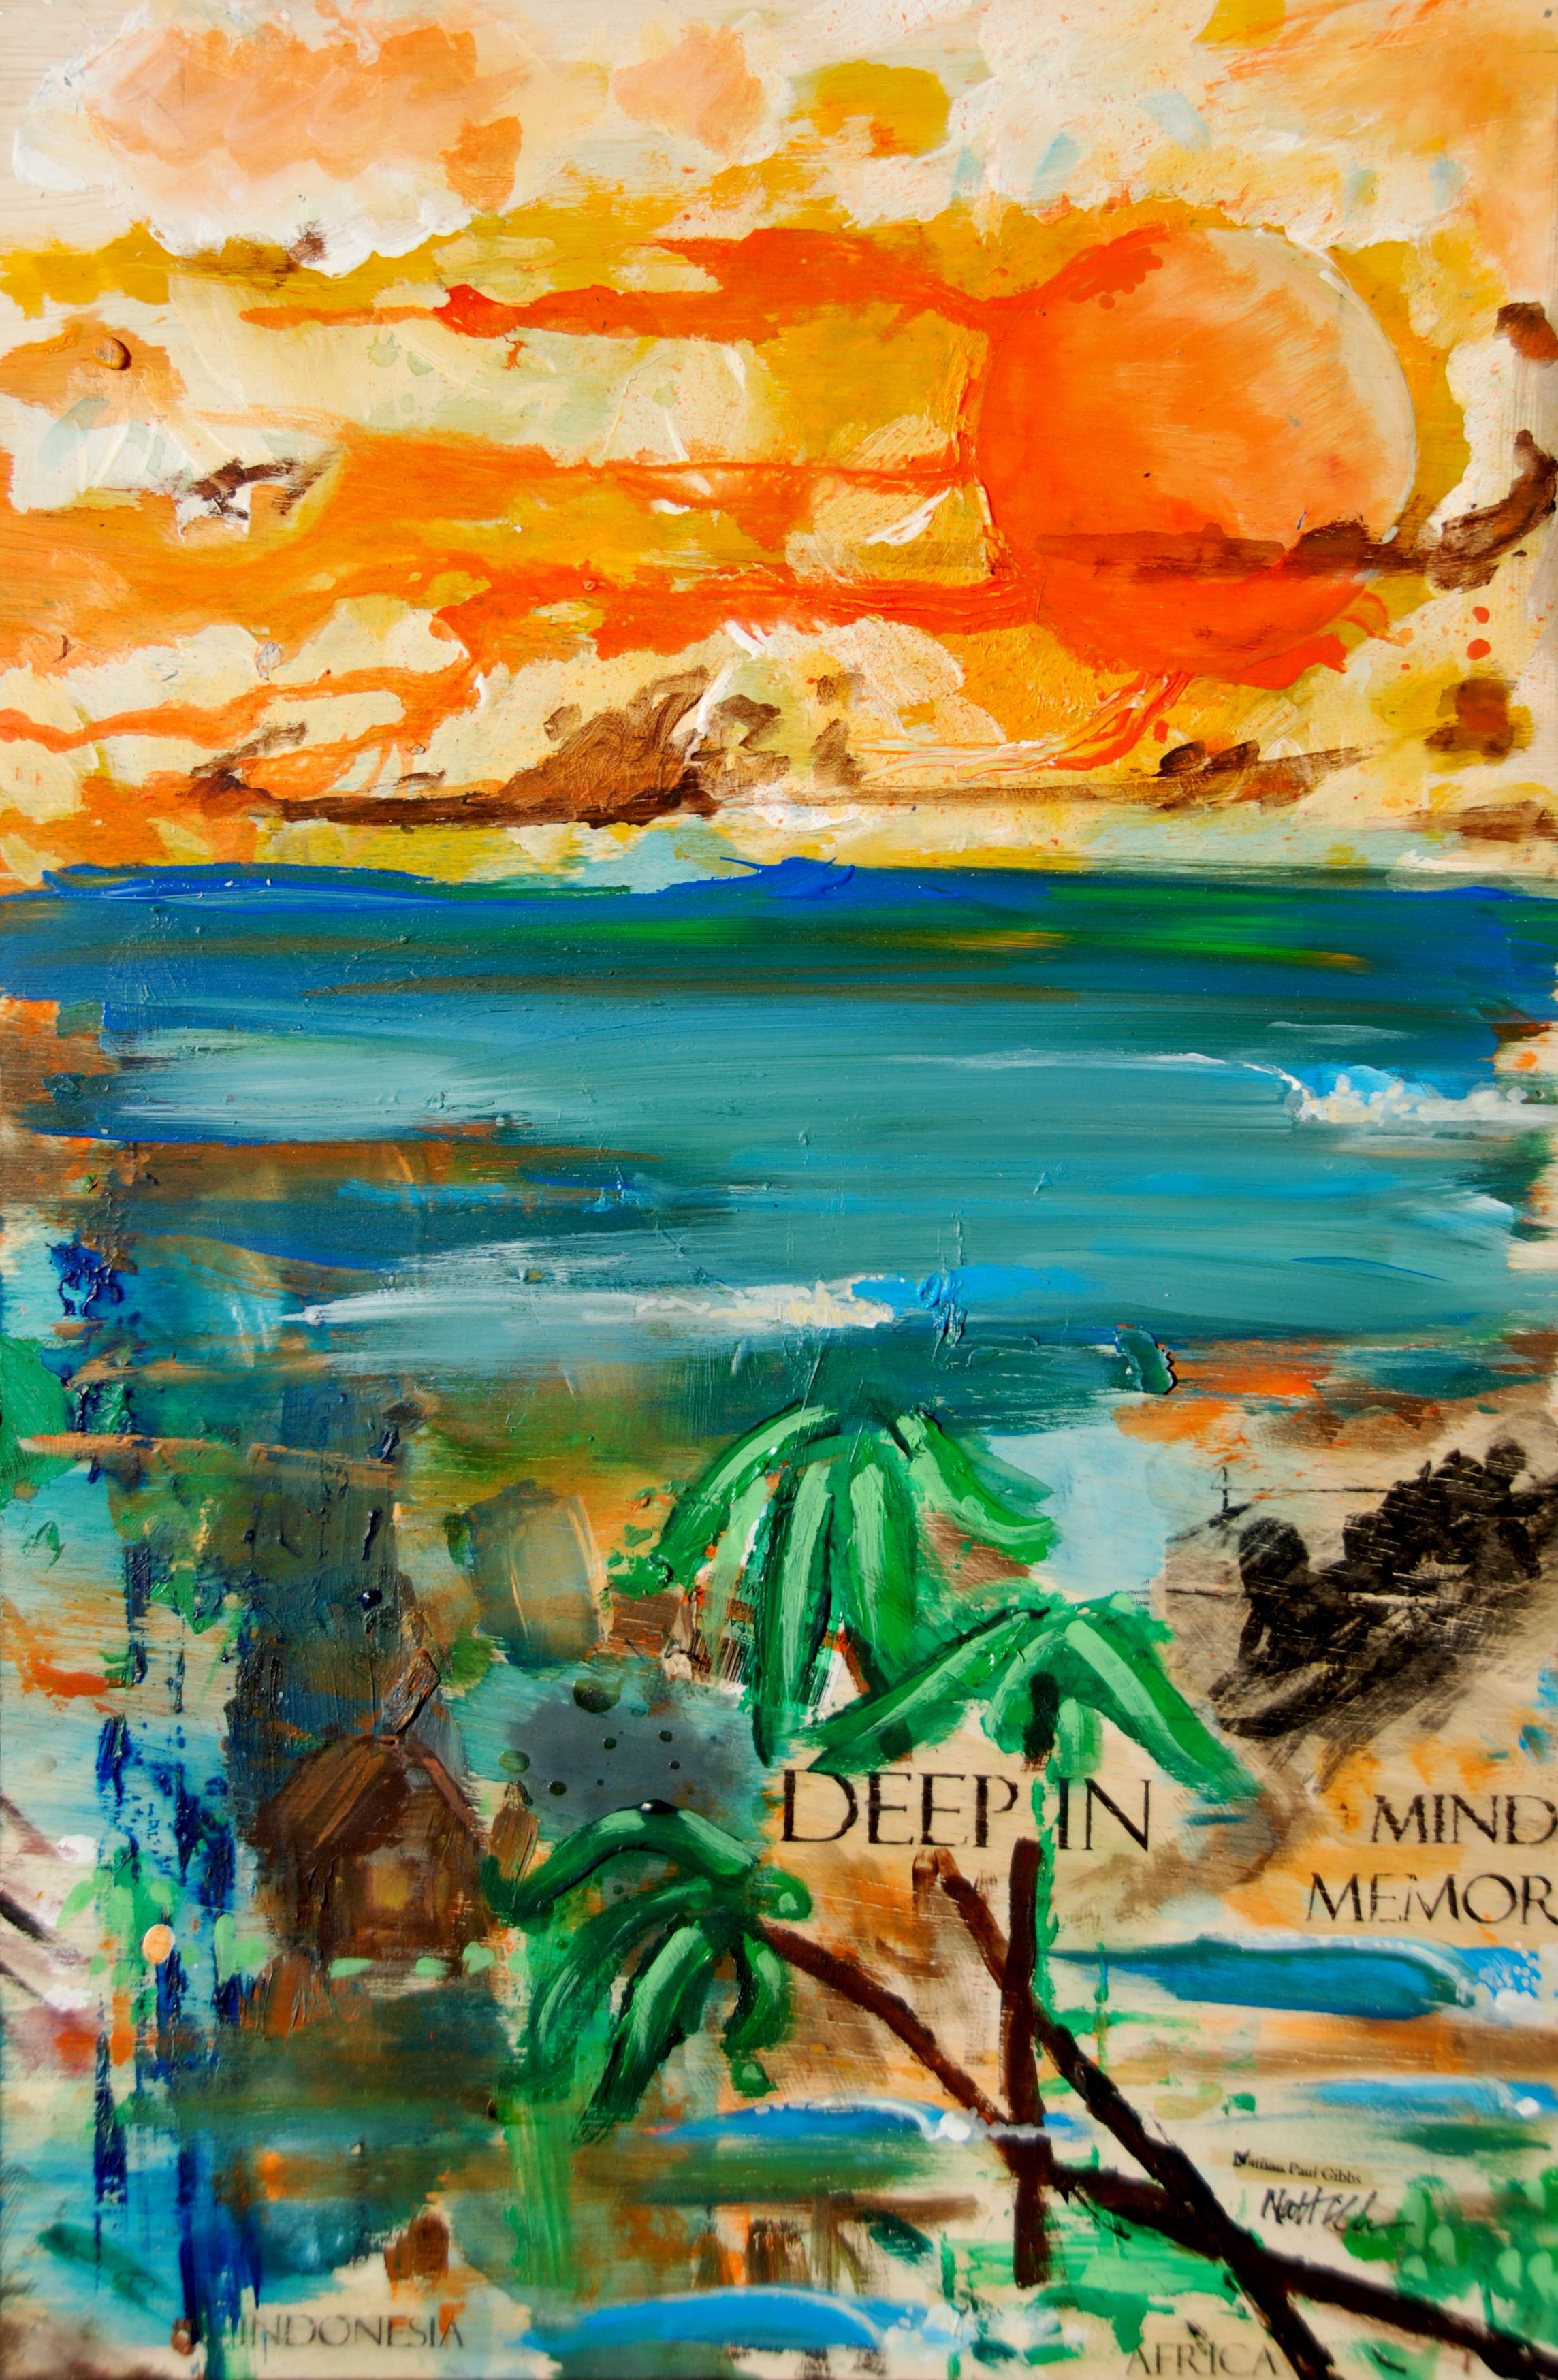 deep in mind memory surf art.jpg